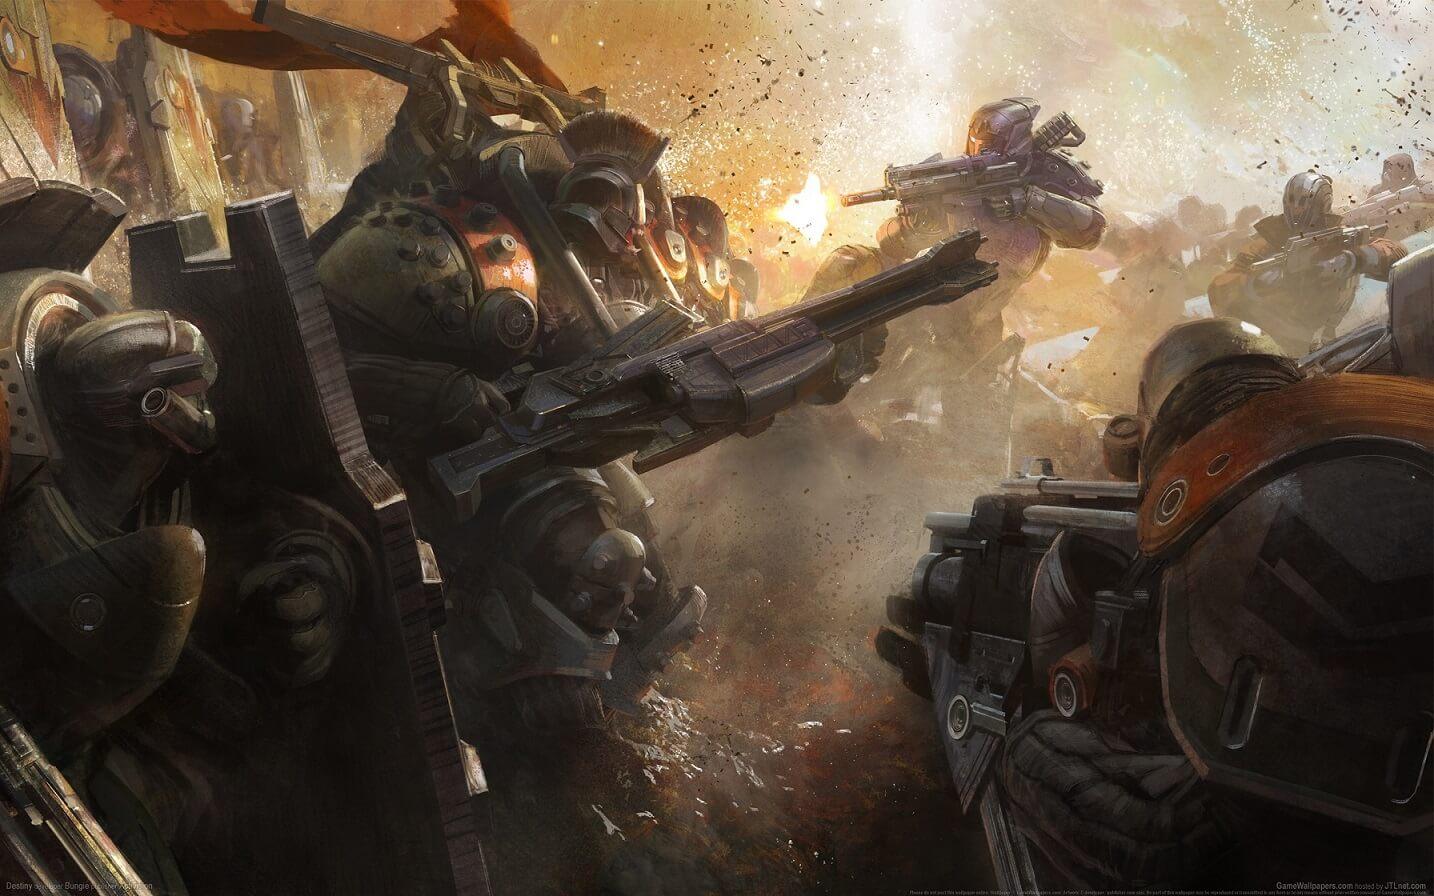 Destiny 2: Nein, Activision kriegt nicht Teile von Bungie, wenn sich Destiny 2 verspätet